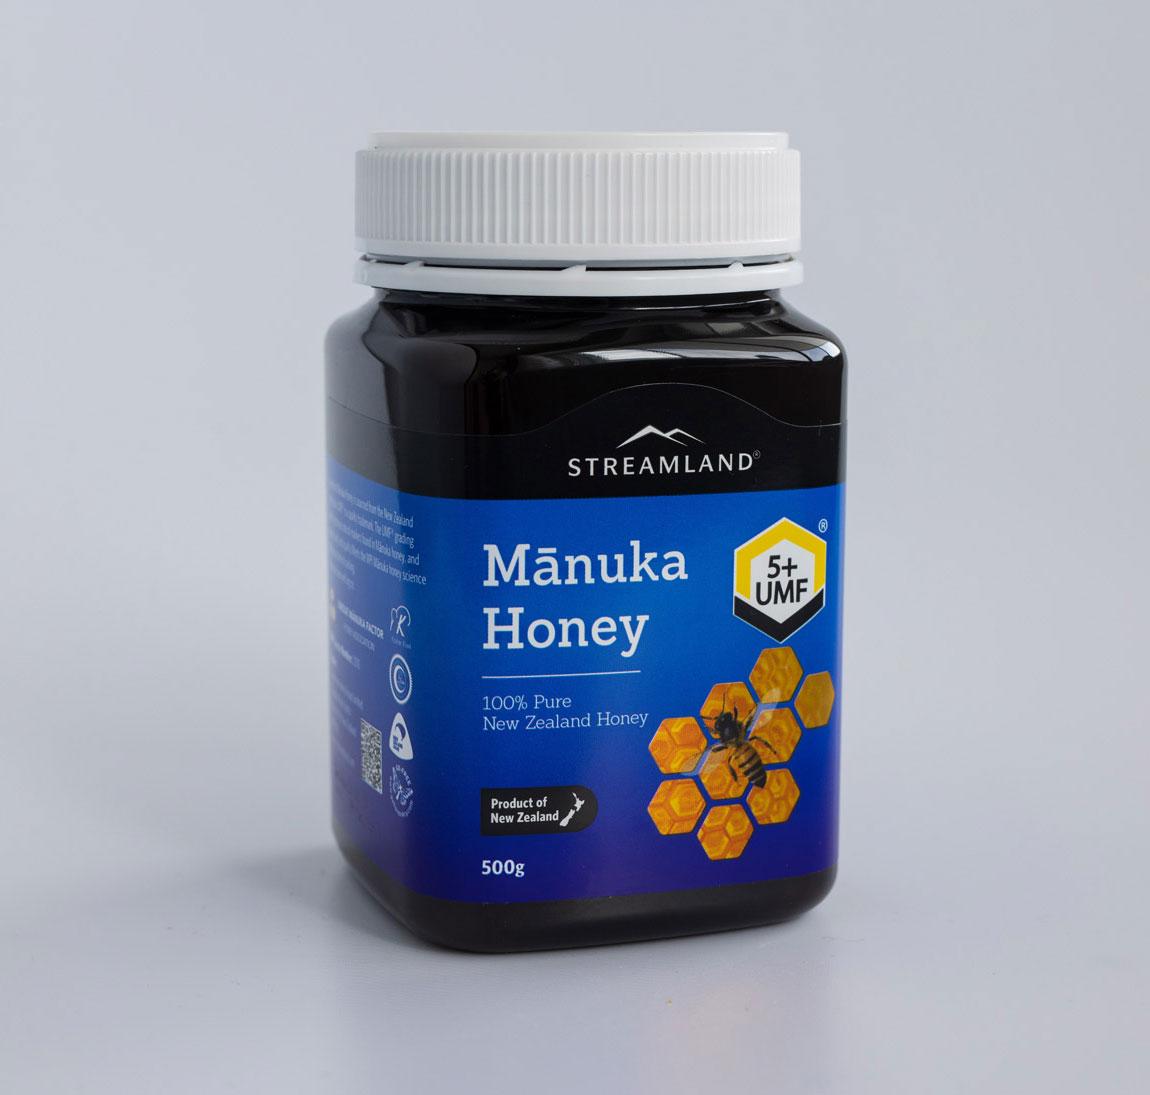 manuka-5+